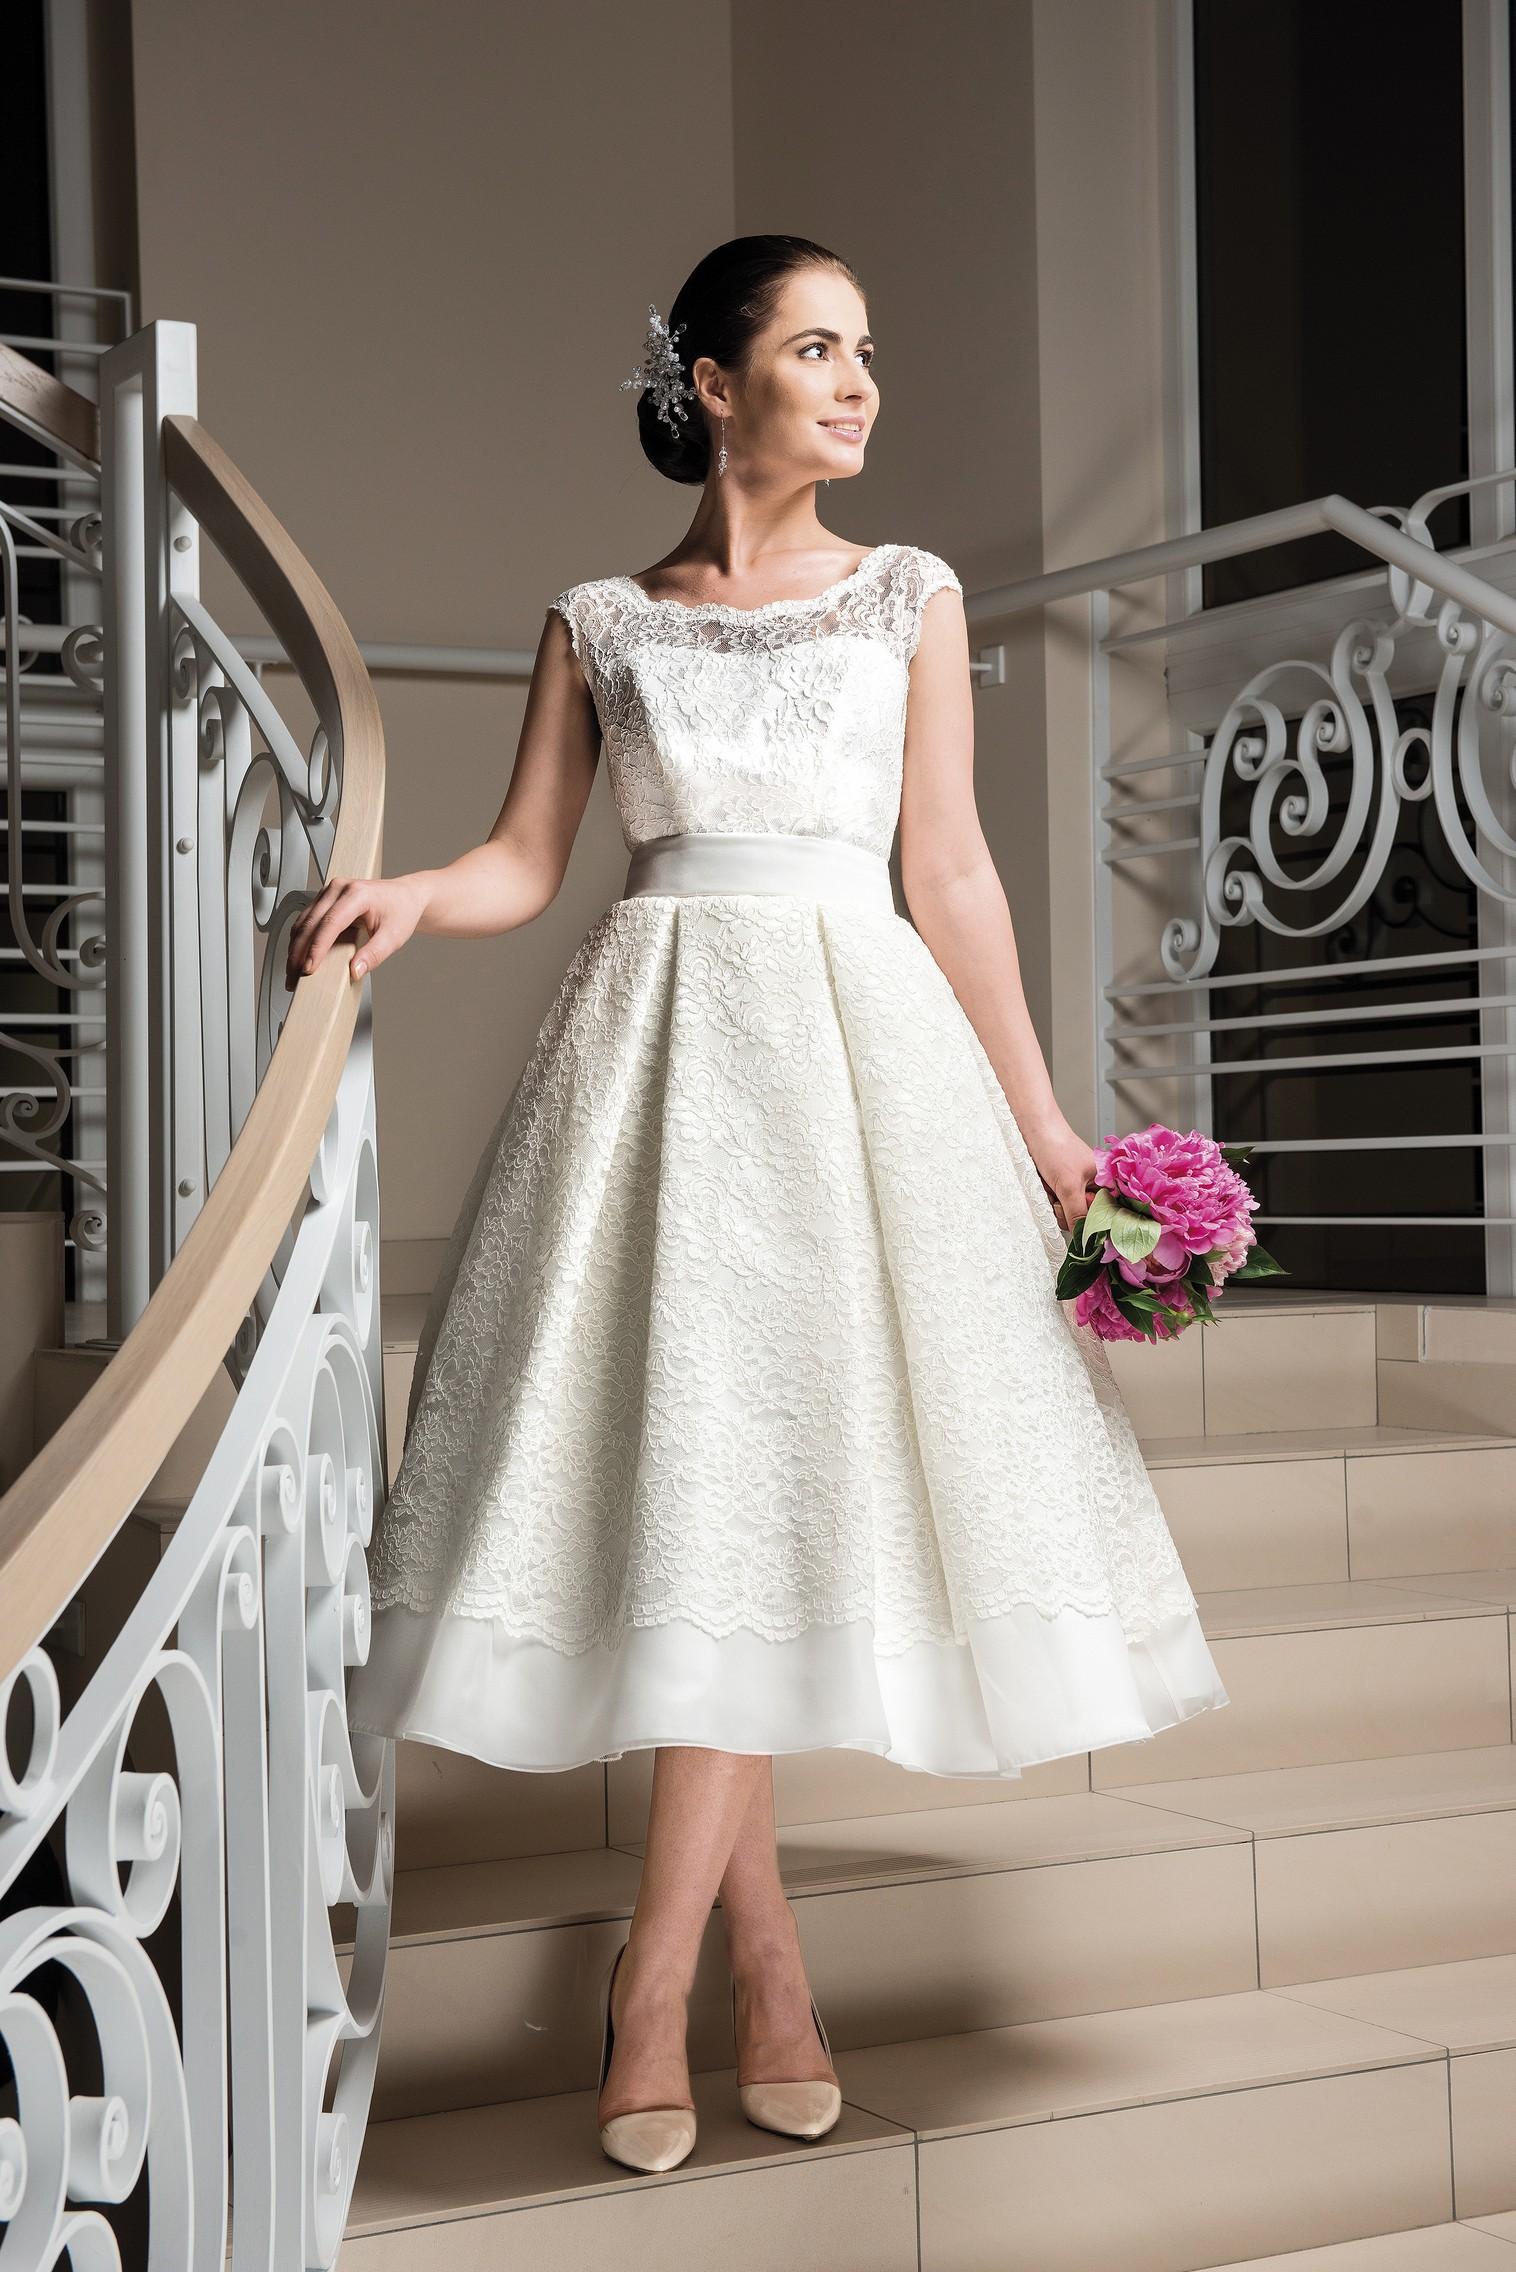 60er Jahre Brautkleid aus schnster Spitze  Kleiderfreuden